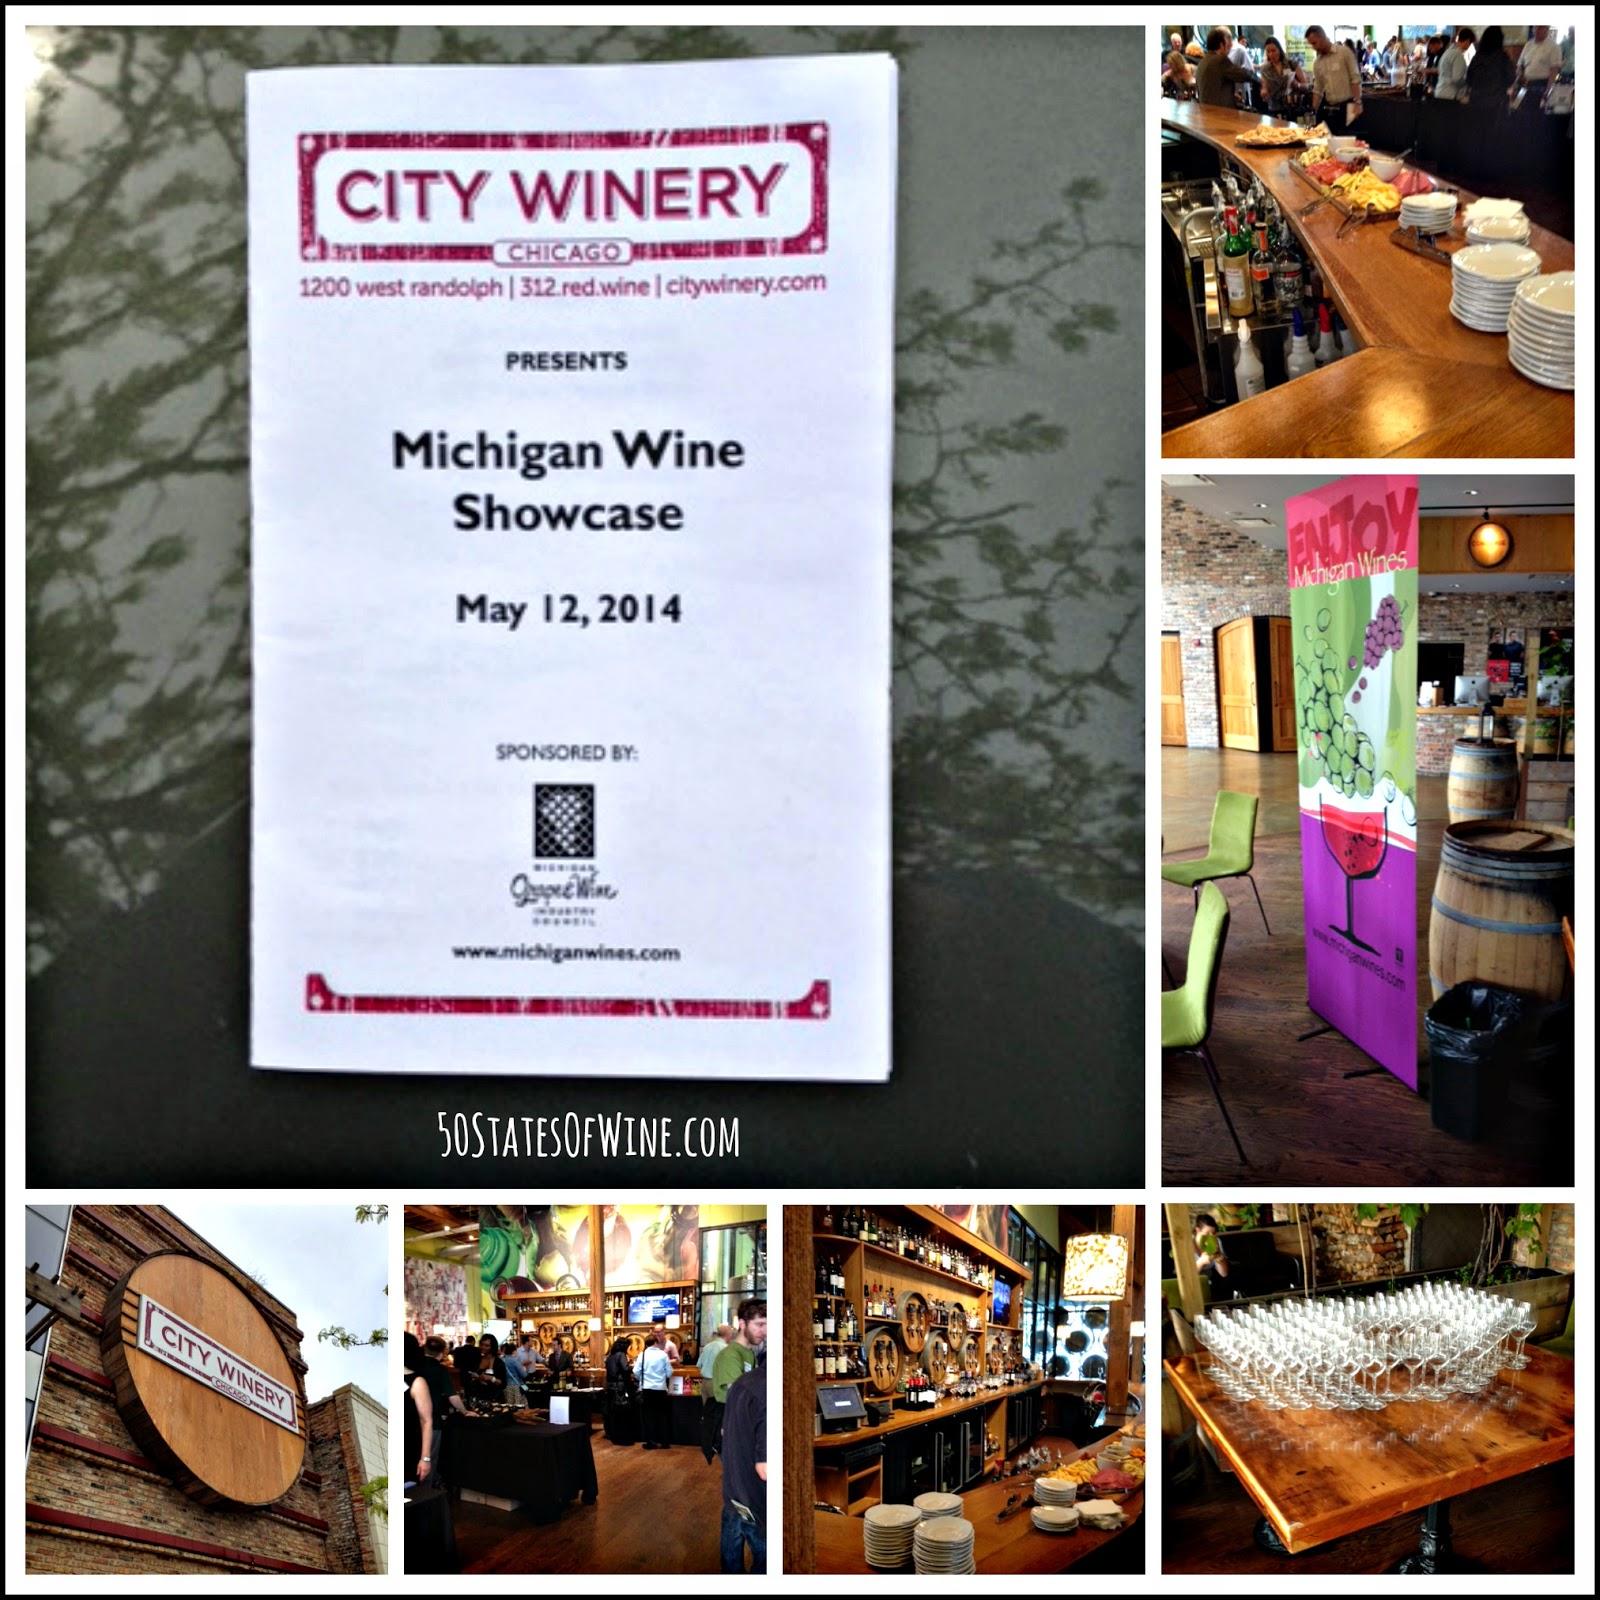 Michigan Wine Showcase